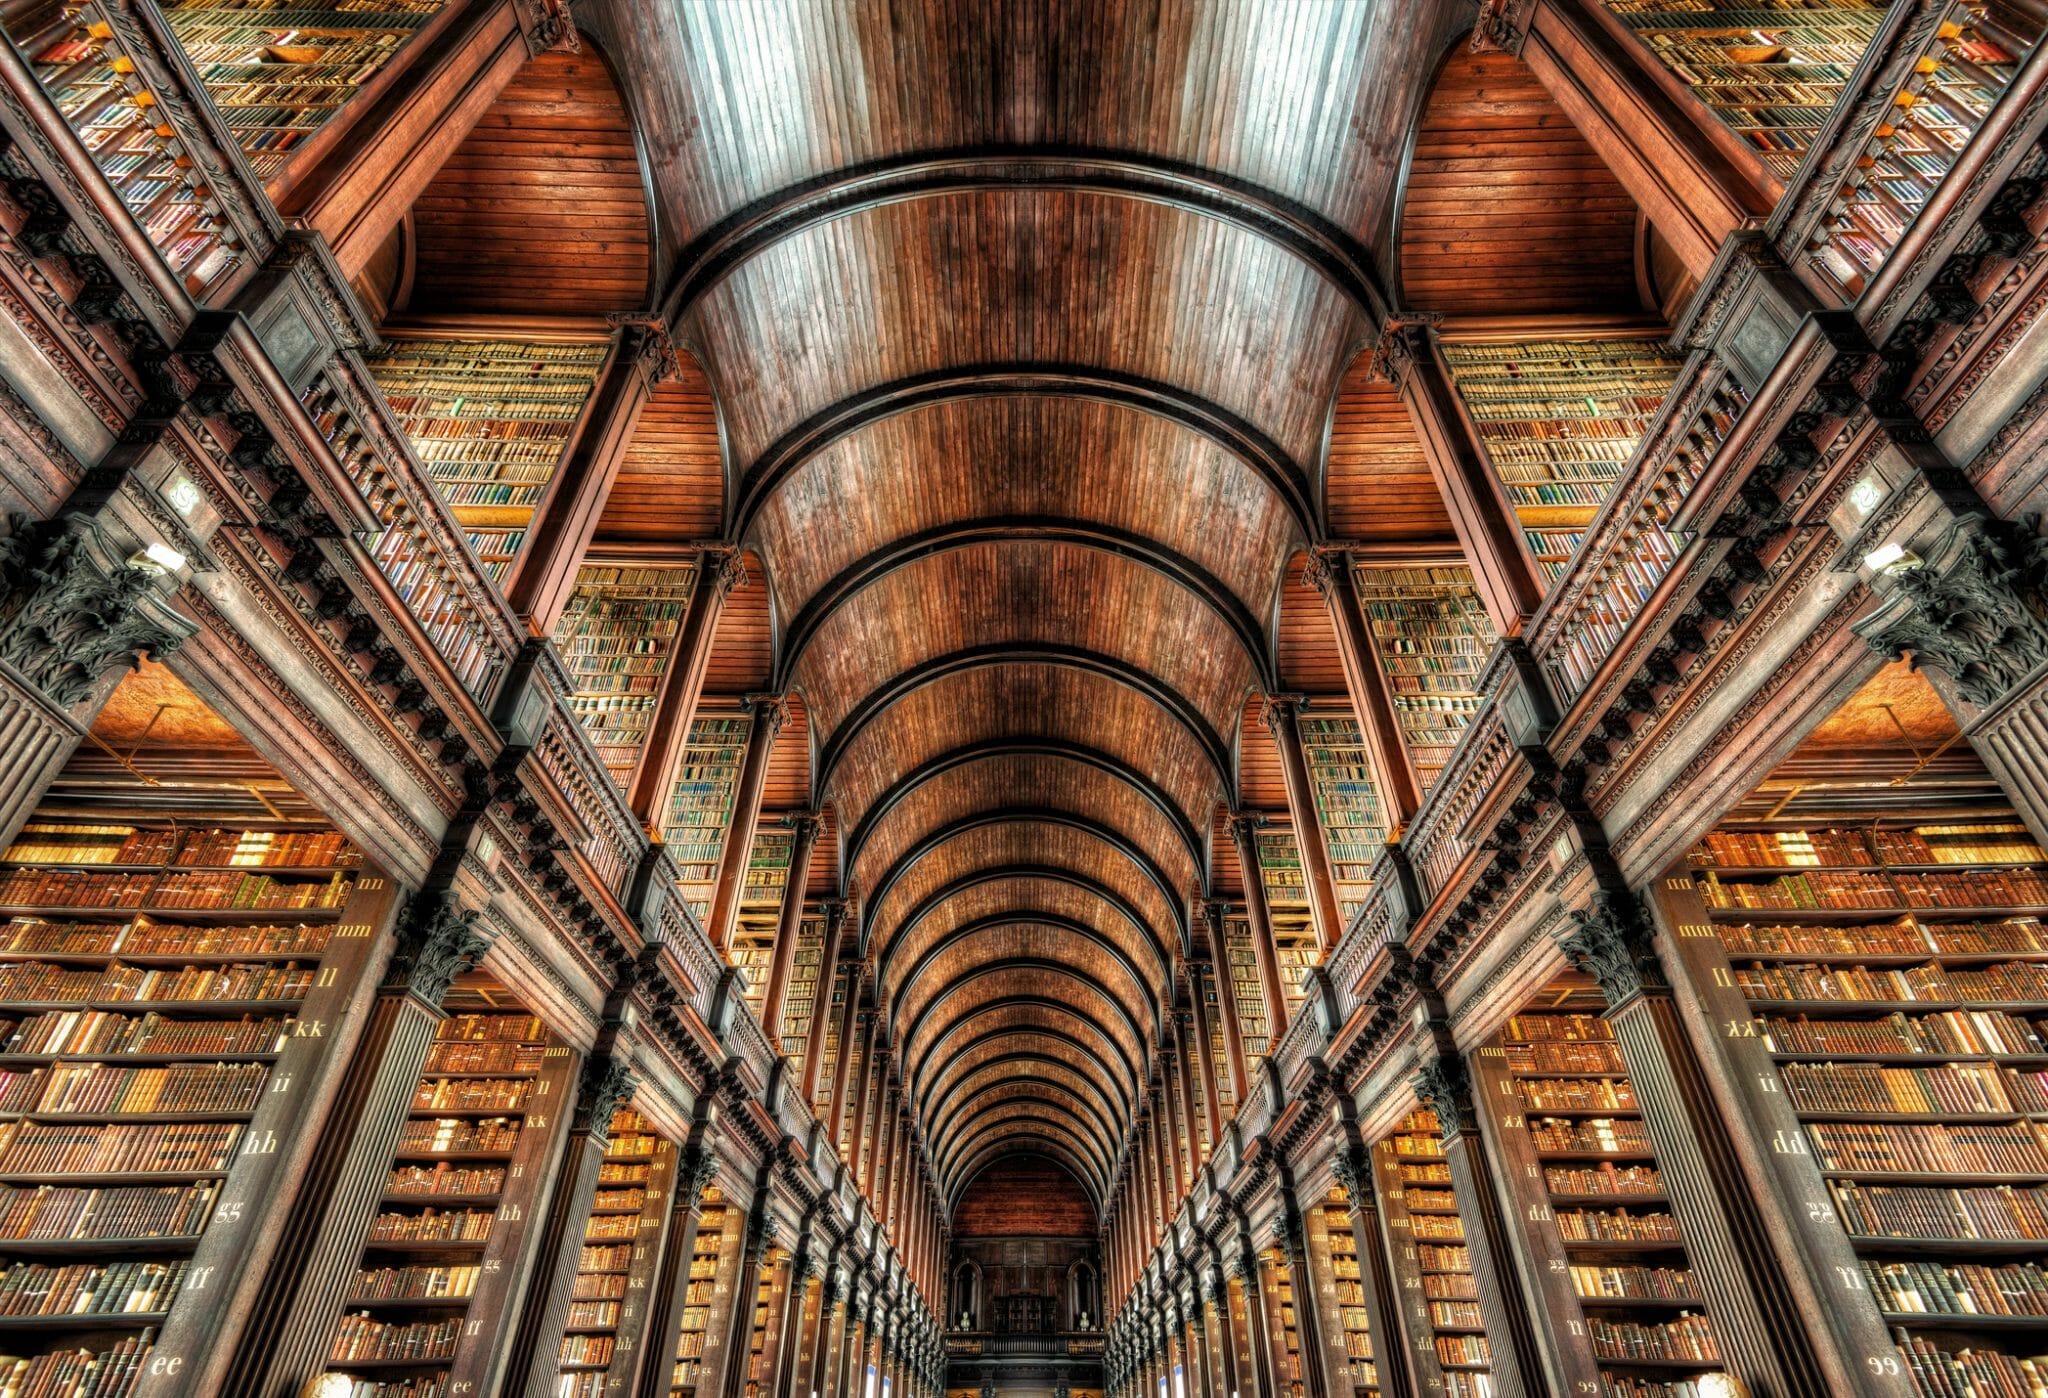 Le biblioteche, universi imprevedibili